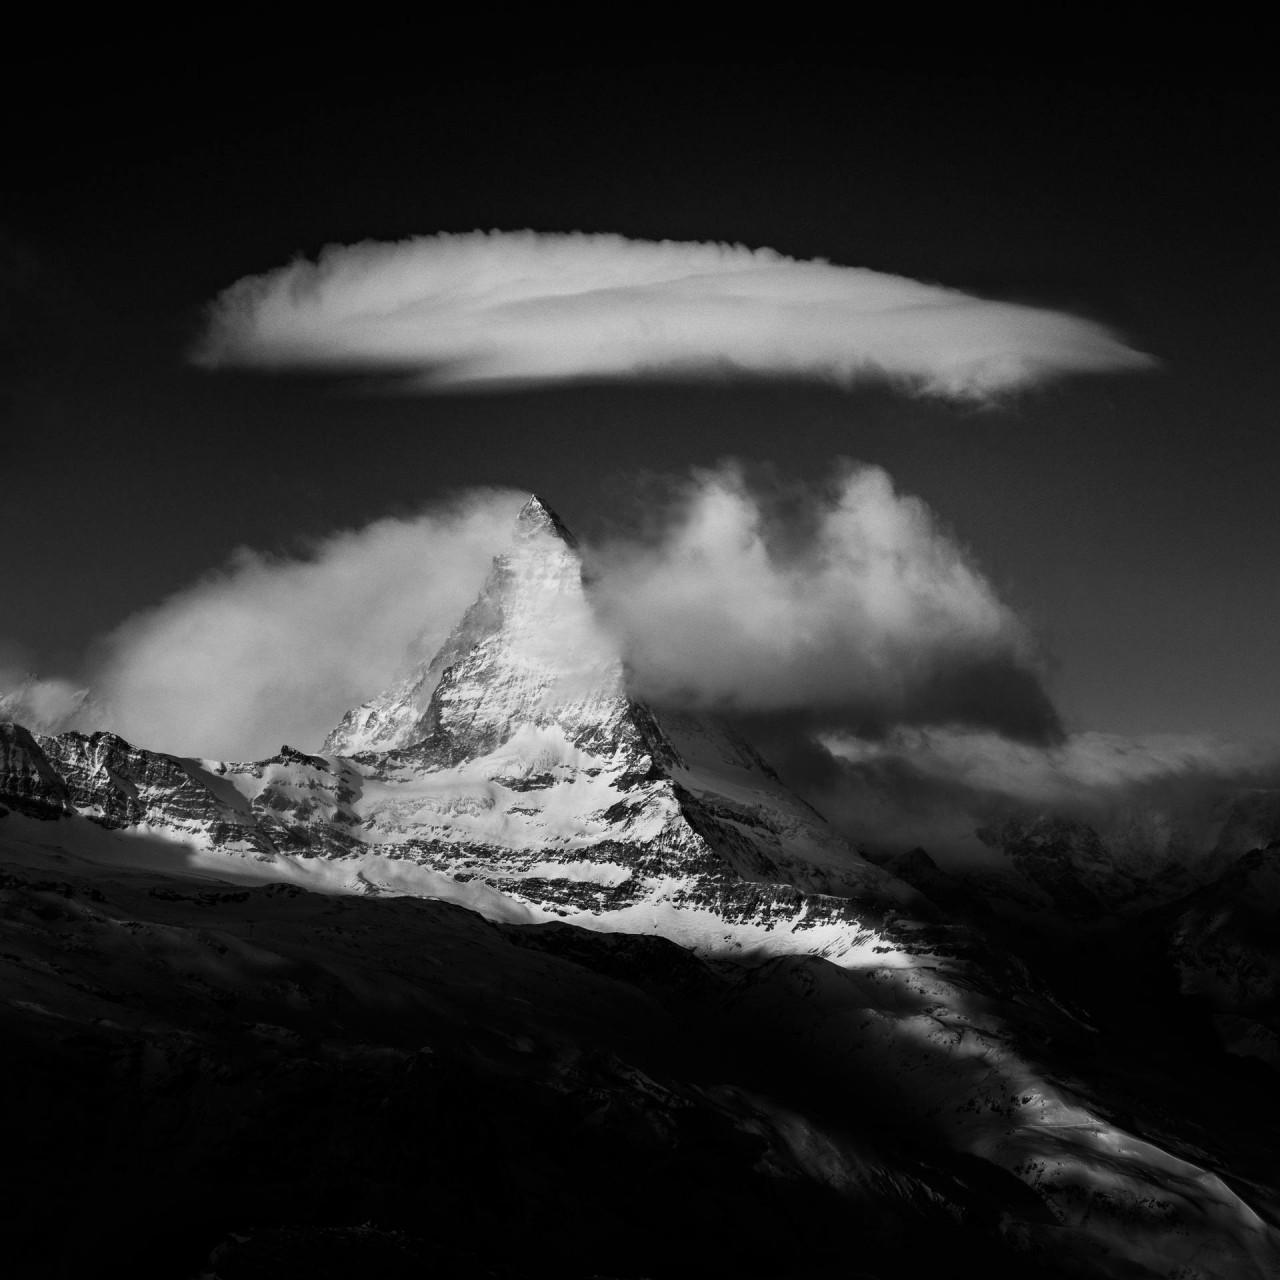 Облака над горой Маттерхорн, Швейцария, 2019. Автор Петер Свобода